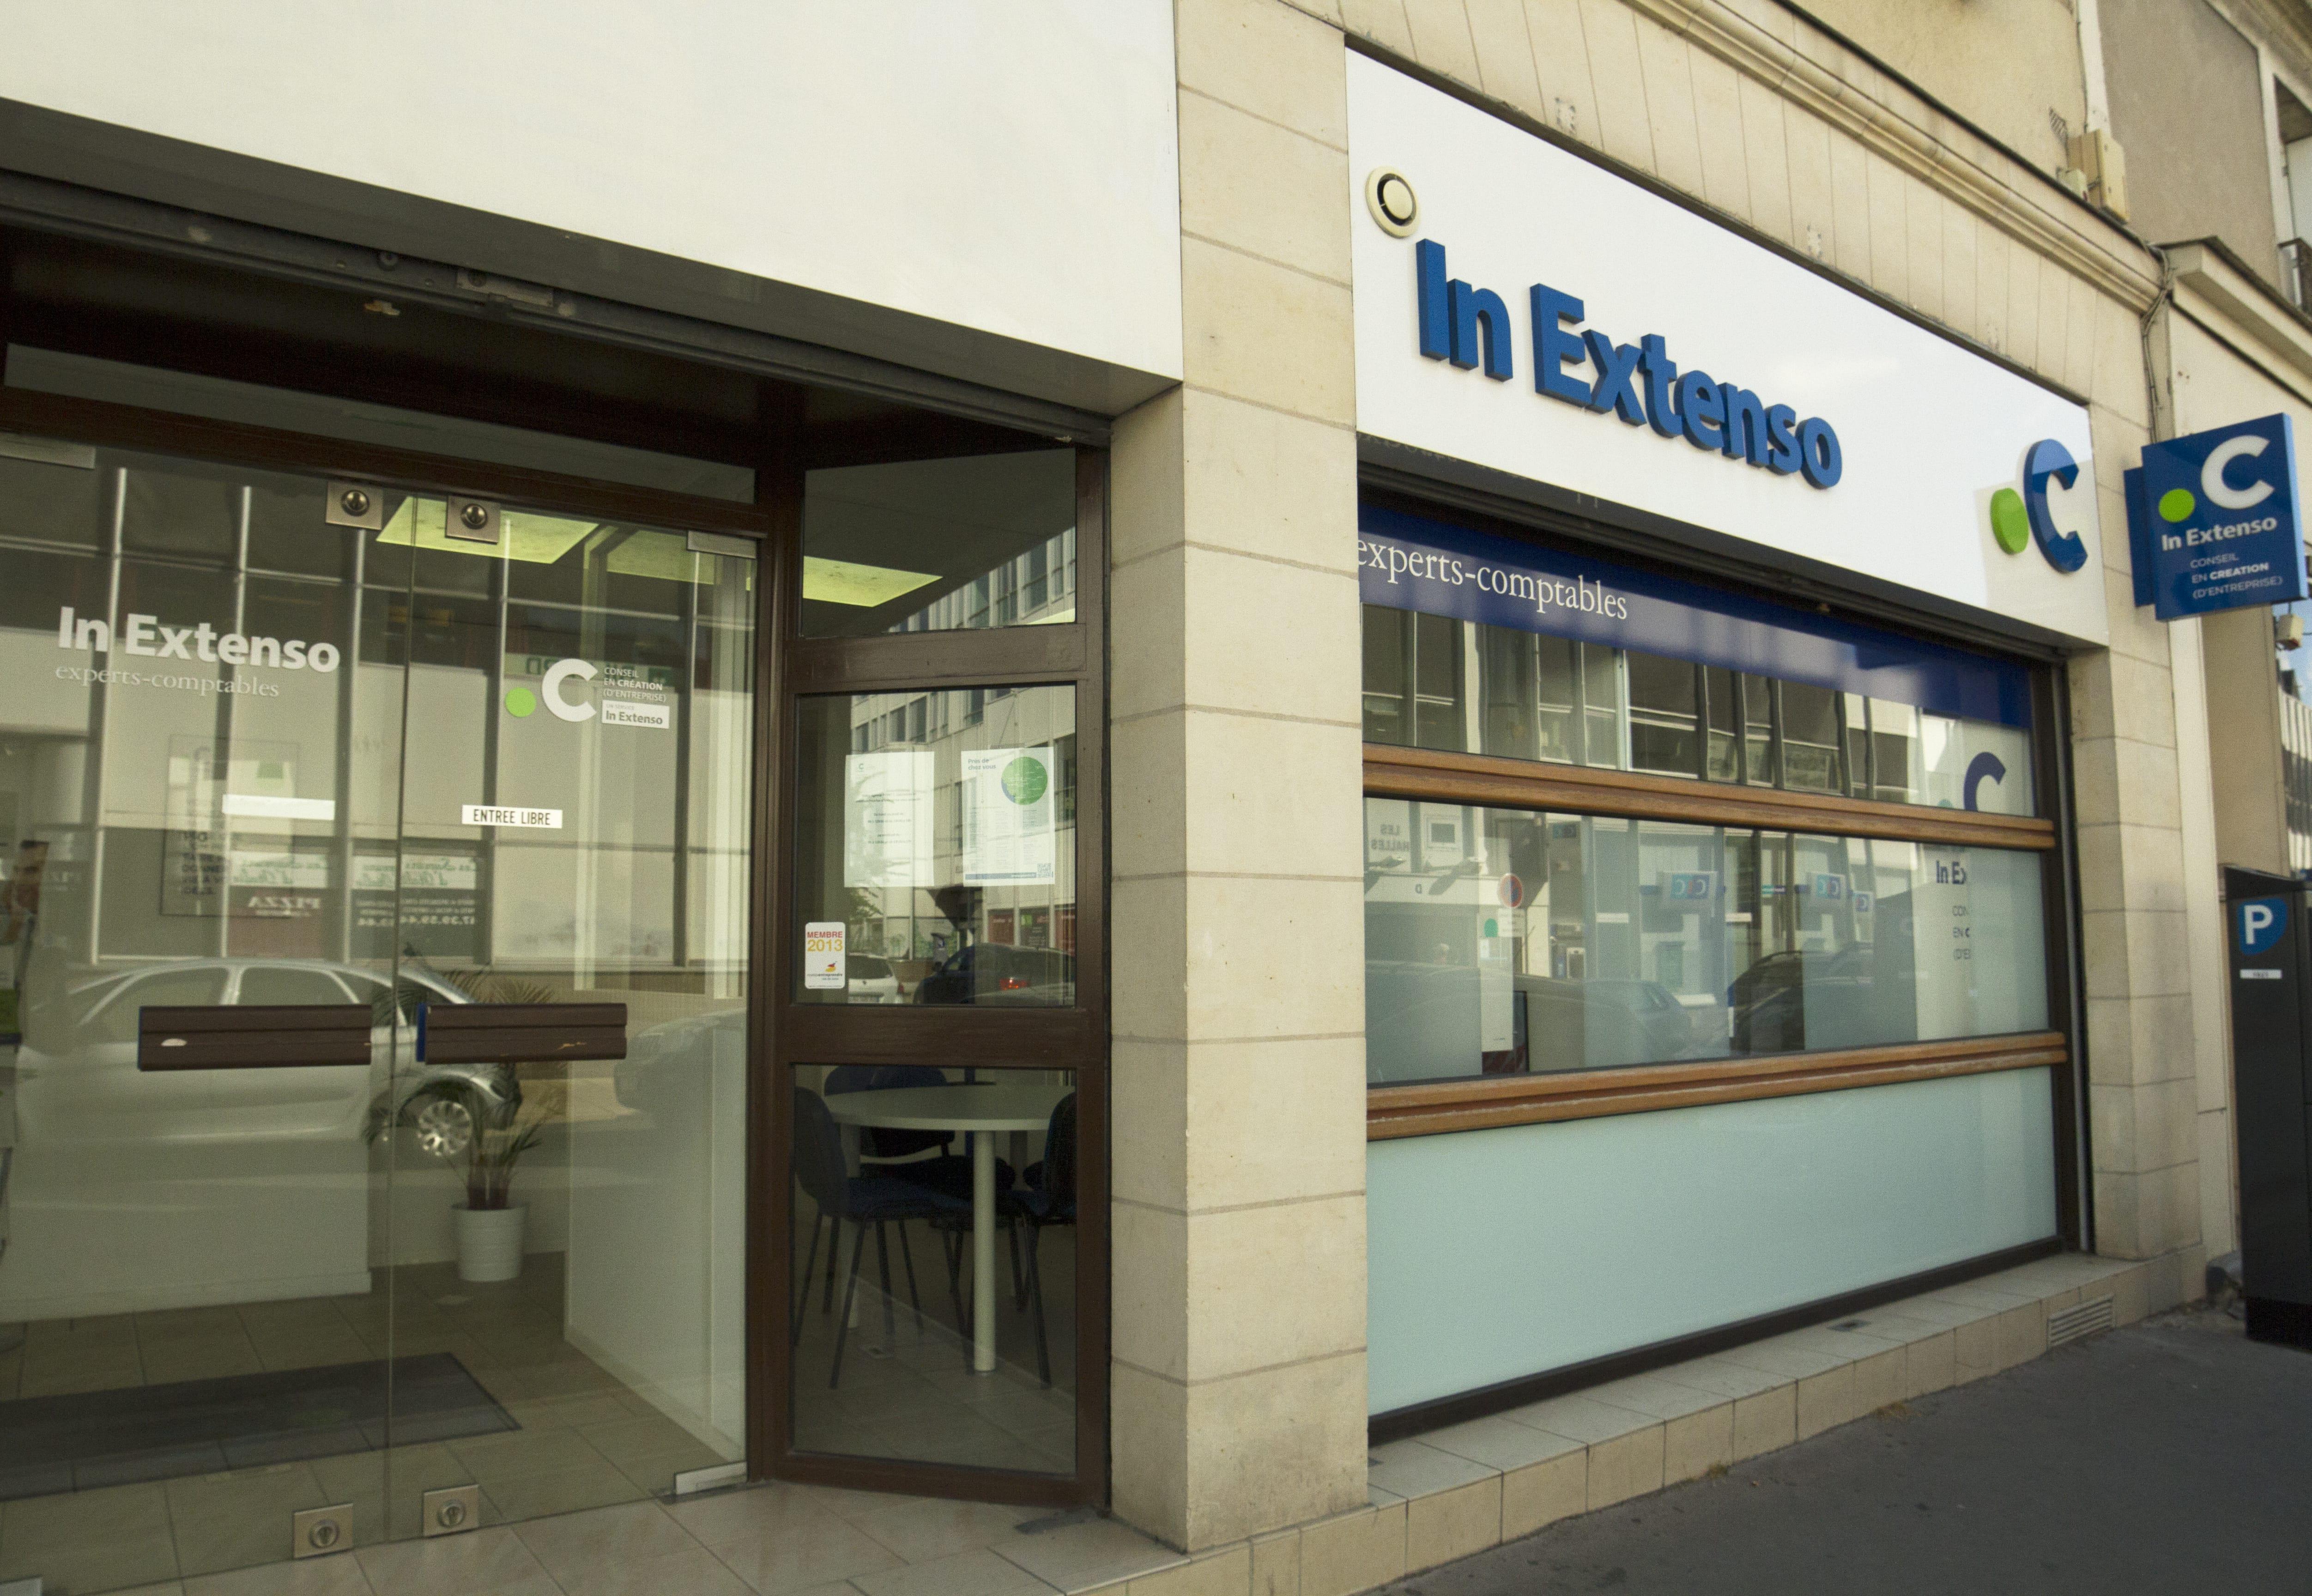 IN EXTENSO experts-comptables | Les Halles de Tours